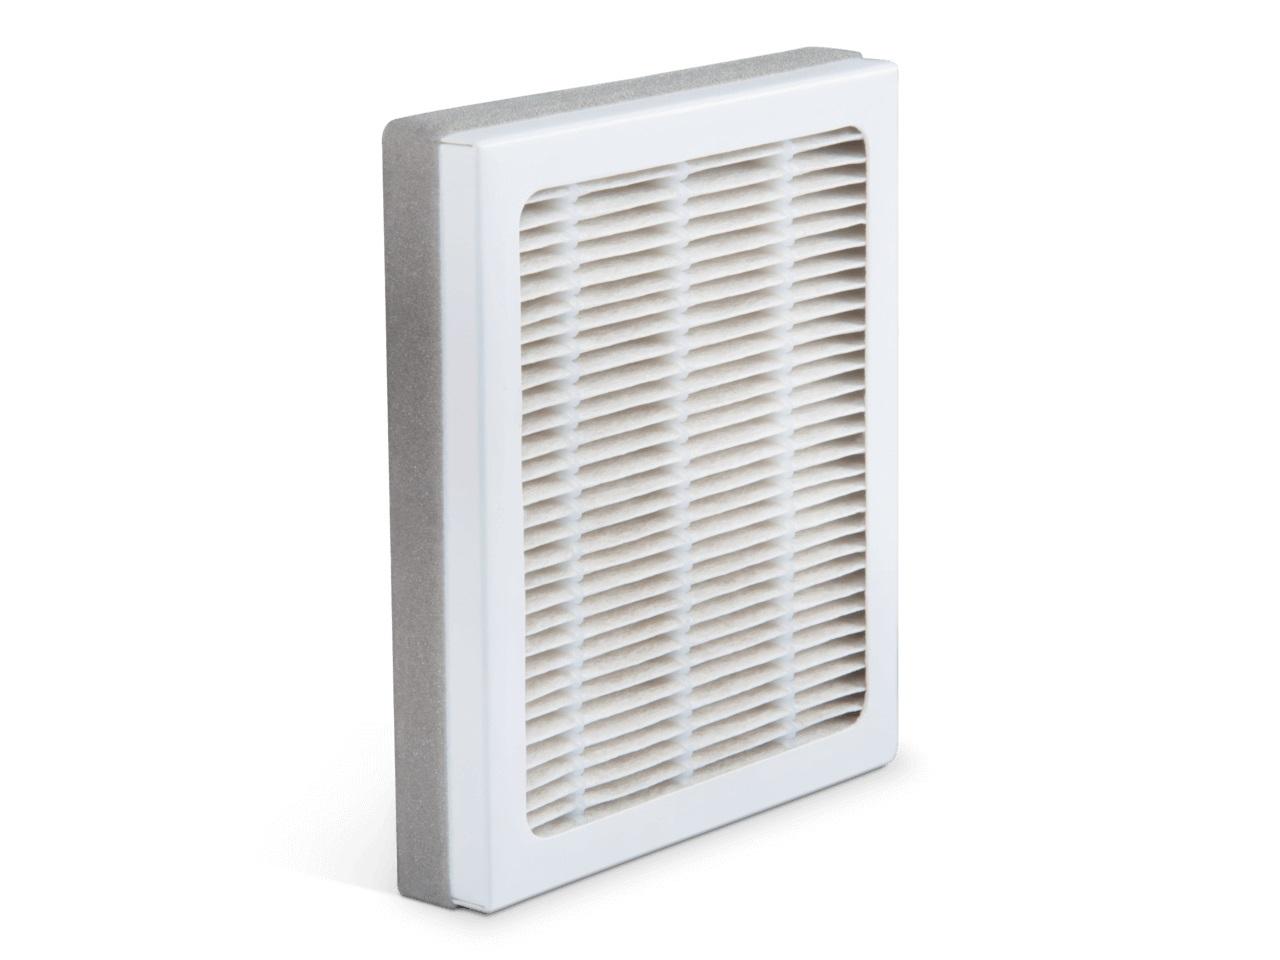 Airfresh Wash 500 Filter